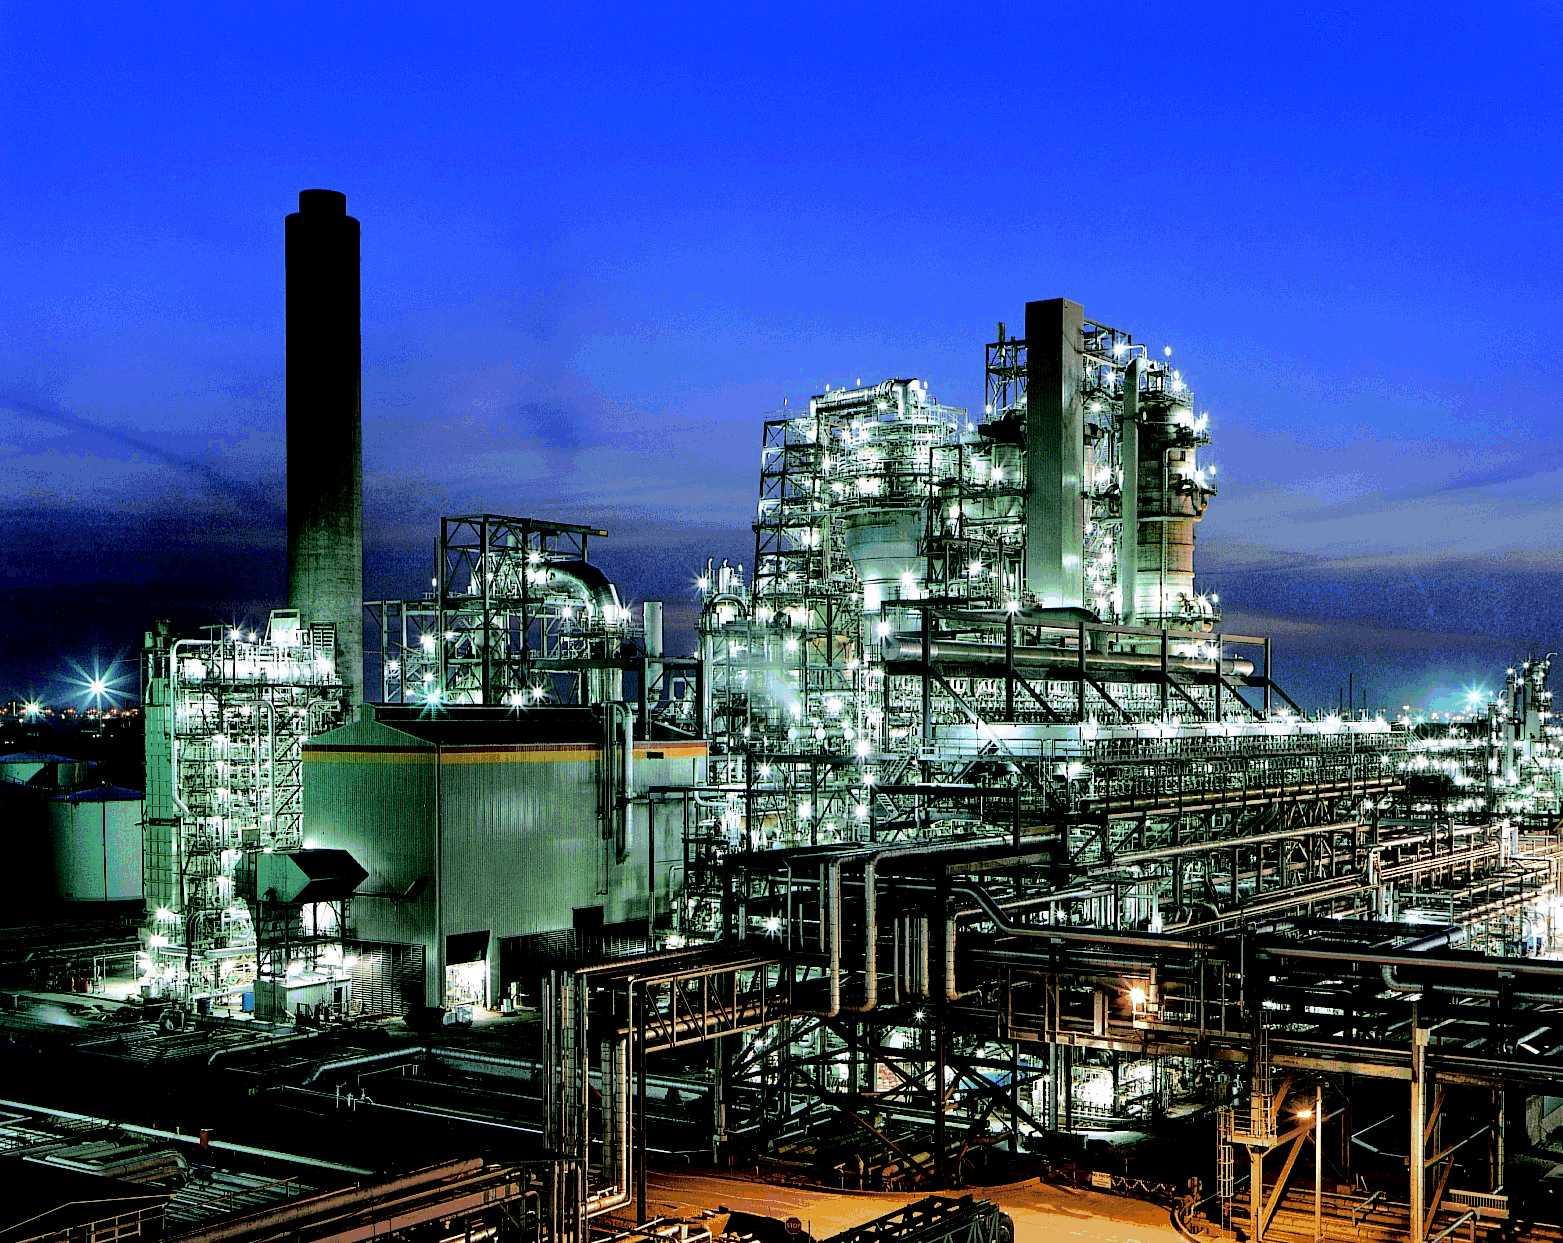 Centros industriales